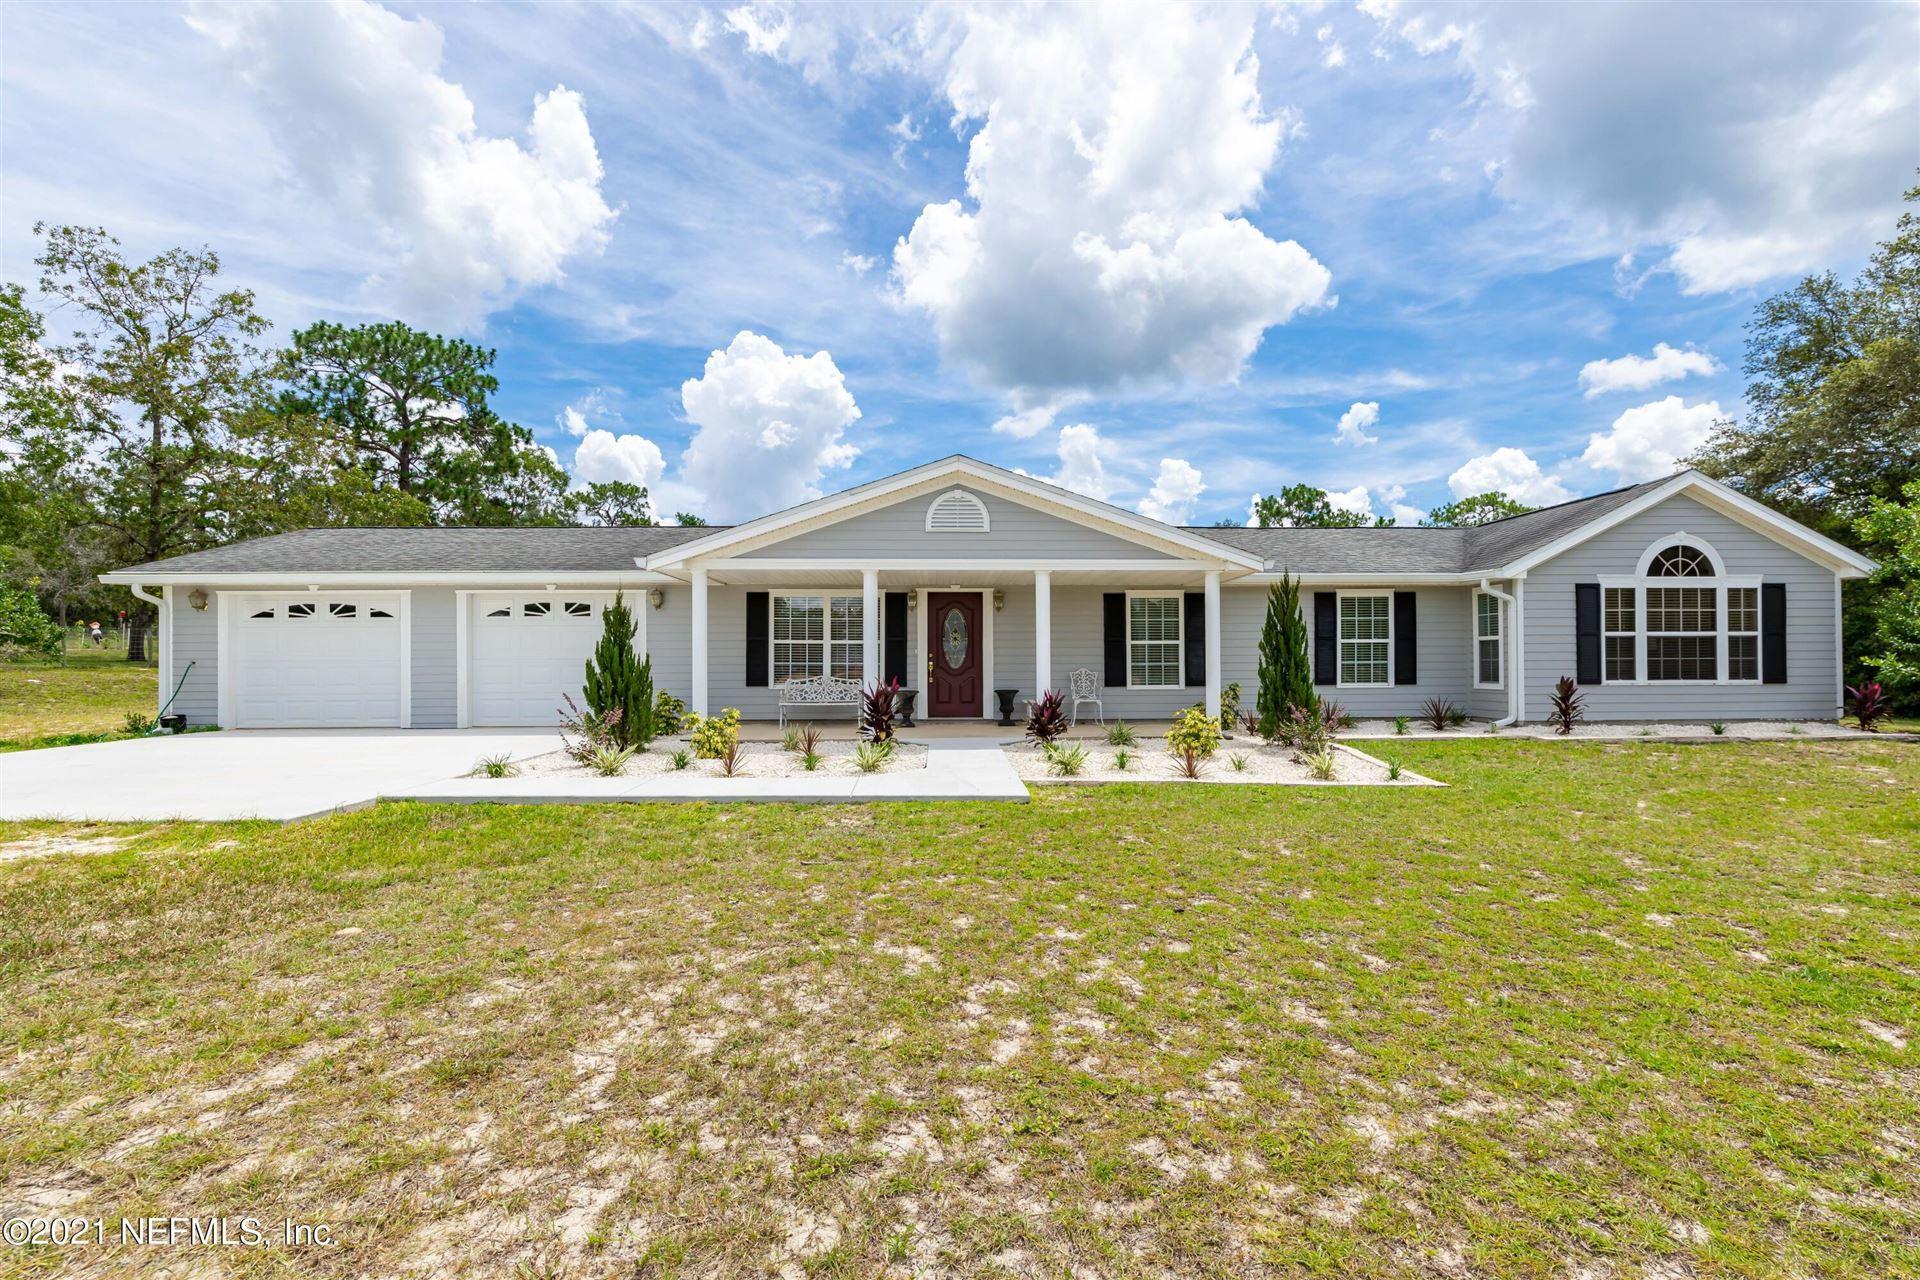 7645 OAK FOREST RD #Unit No: 2 Lot No: 5, Keystone Heights, FL 32656 - MLS#: 1121452